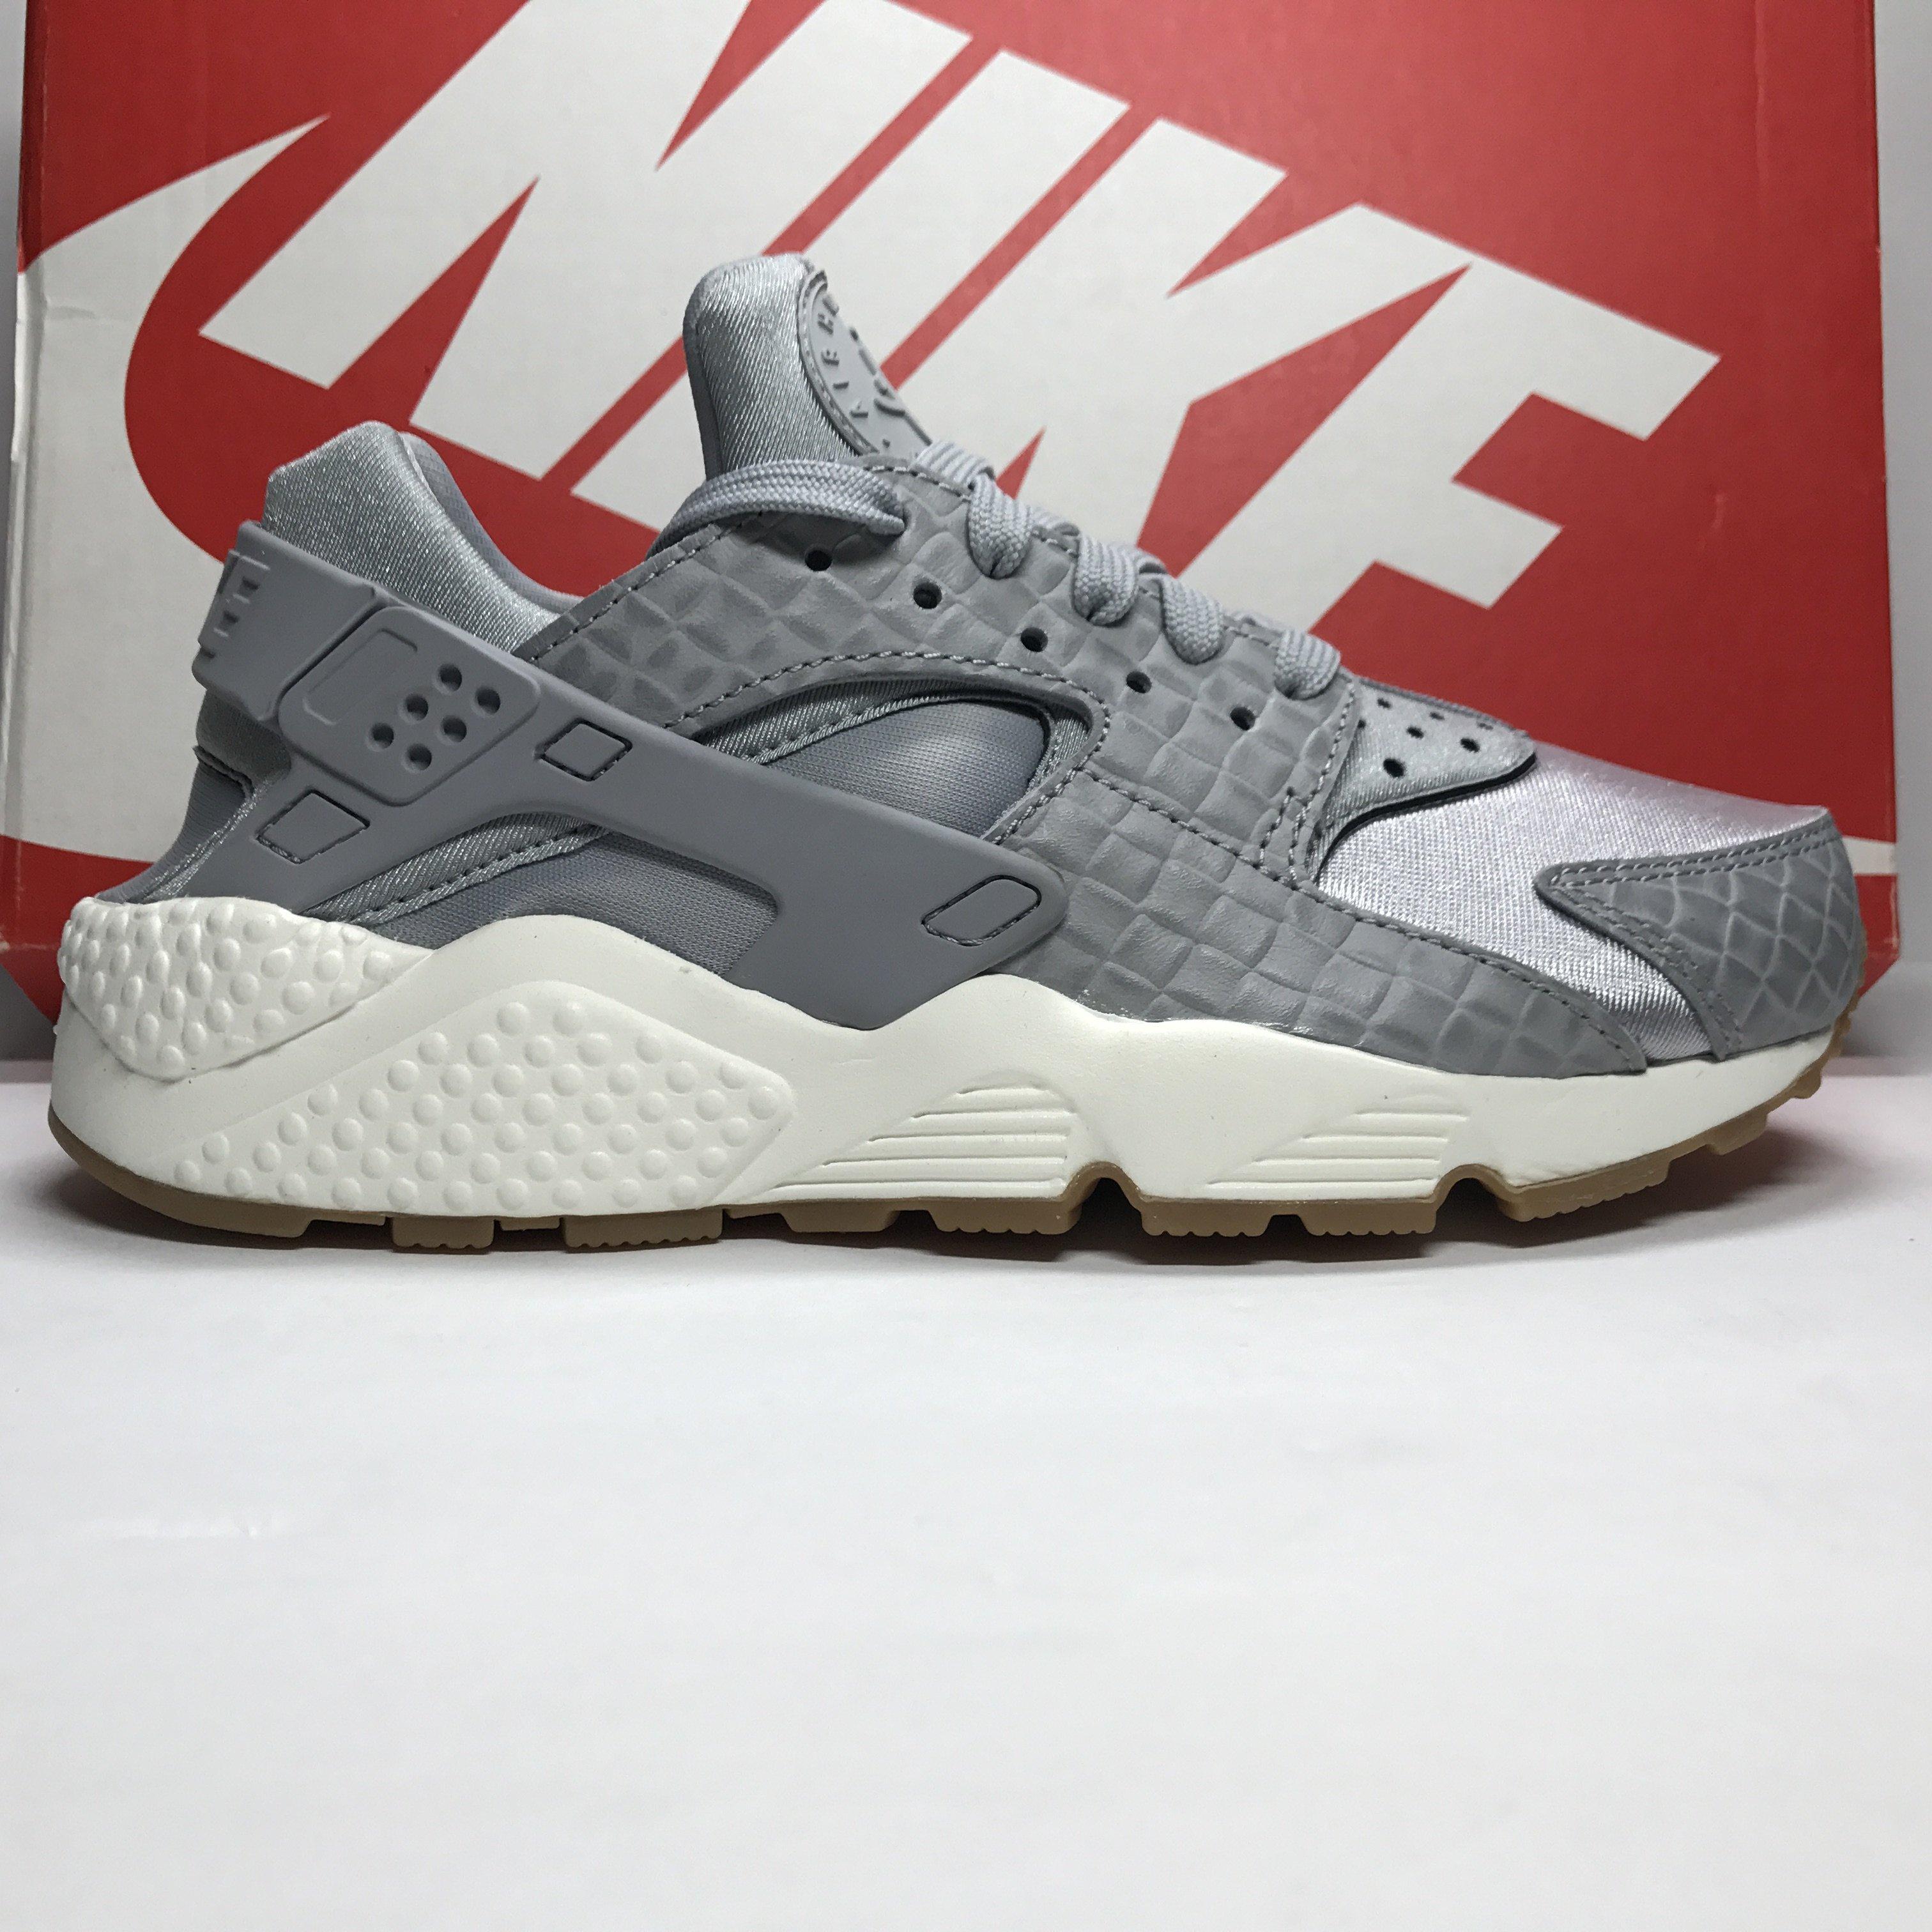 9c0bee15bfb0a DS Women s Nike Air Huarache Run Premium Wolf Grey Gum Size 7